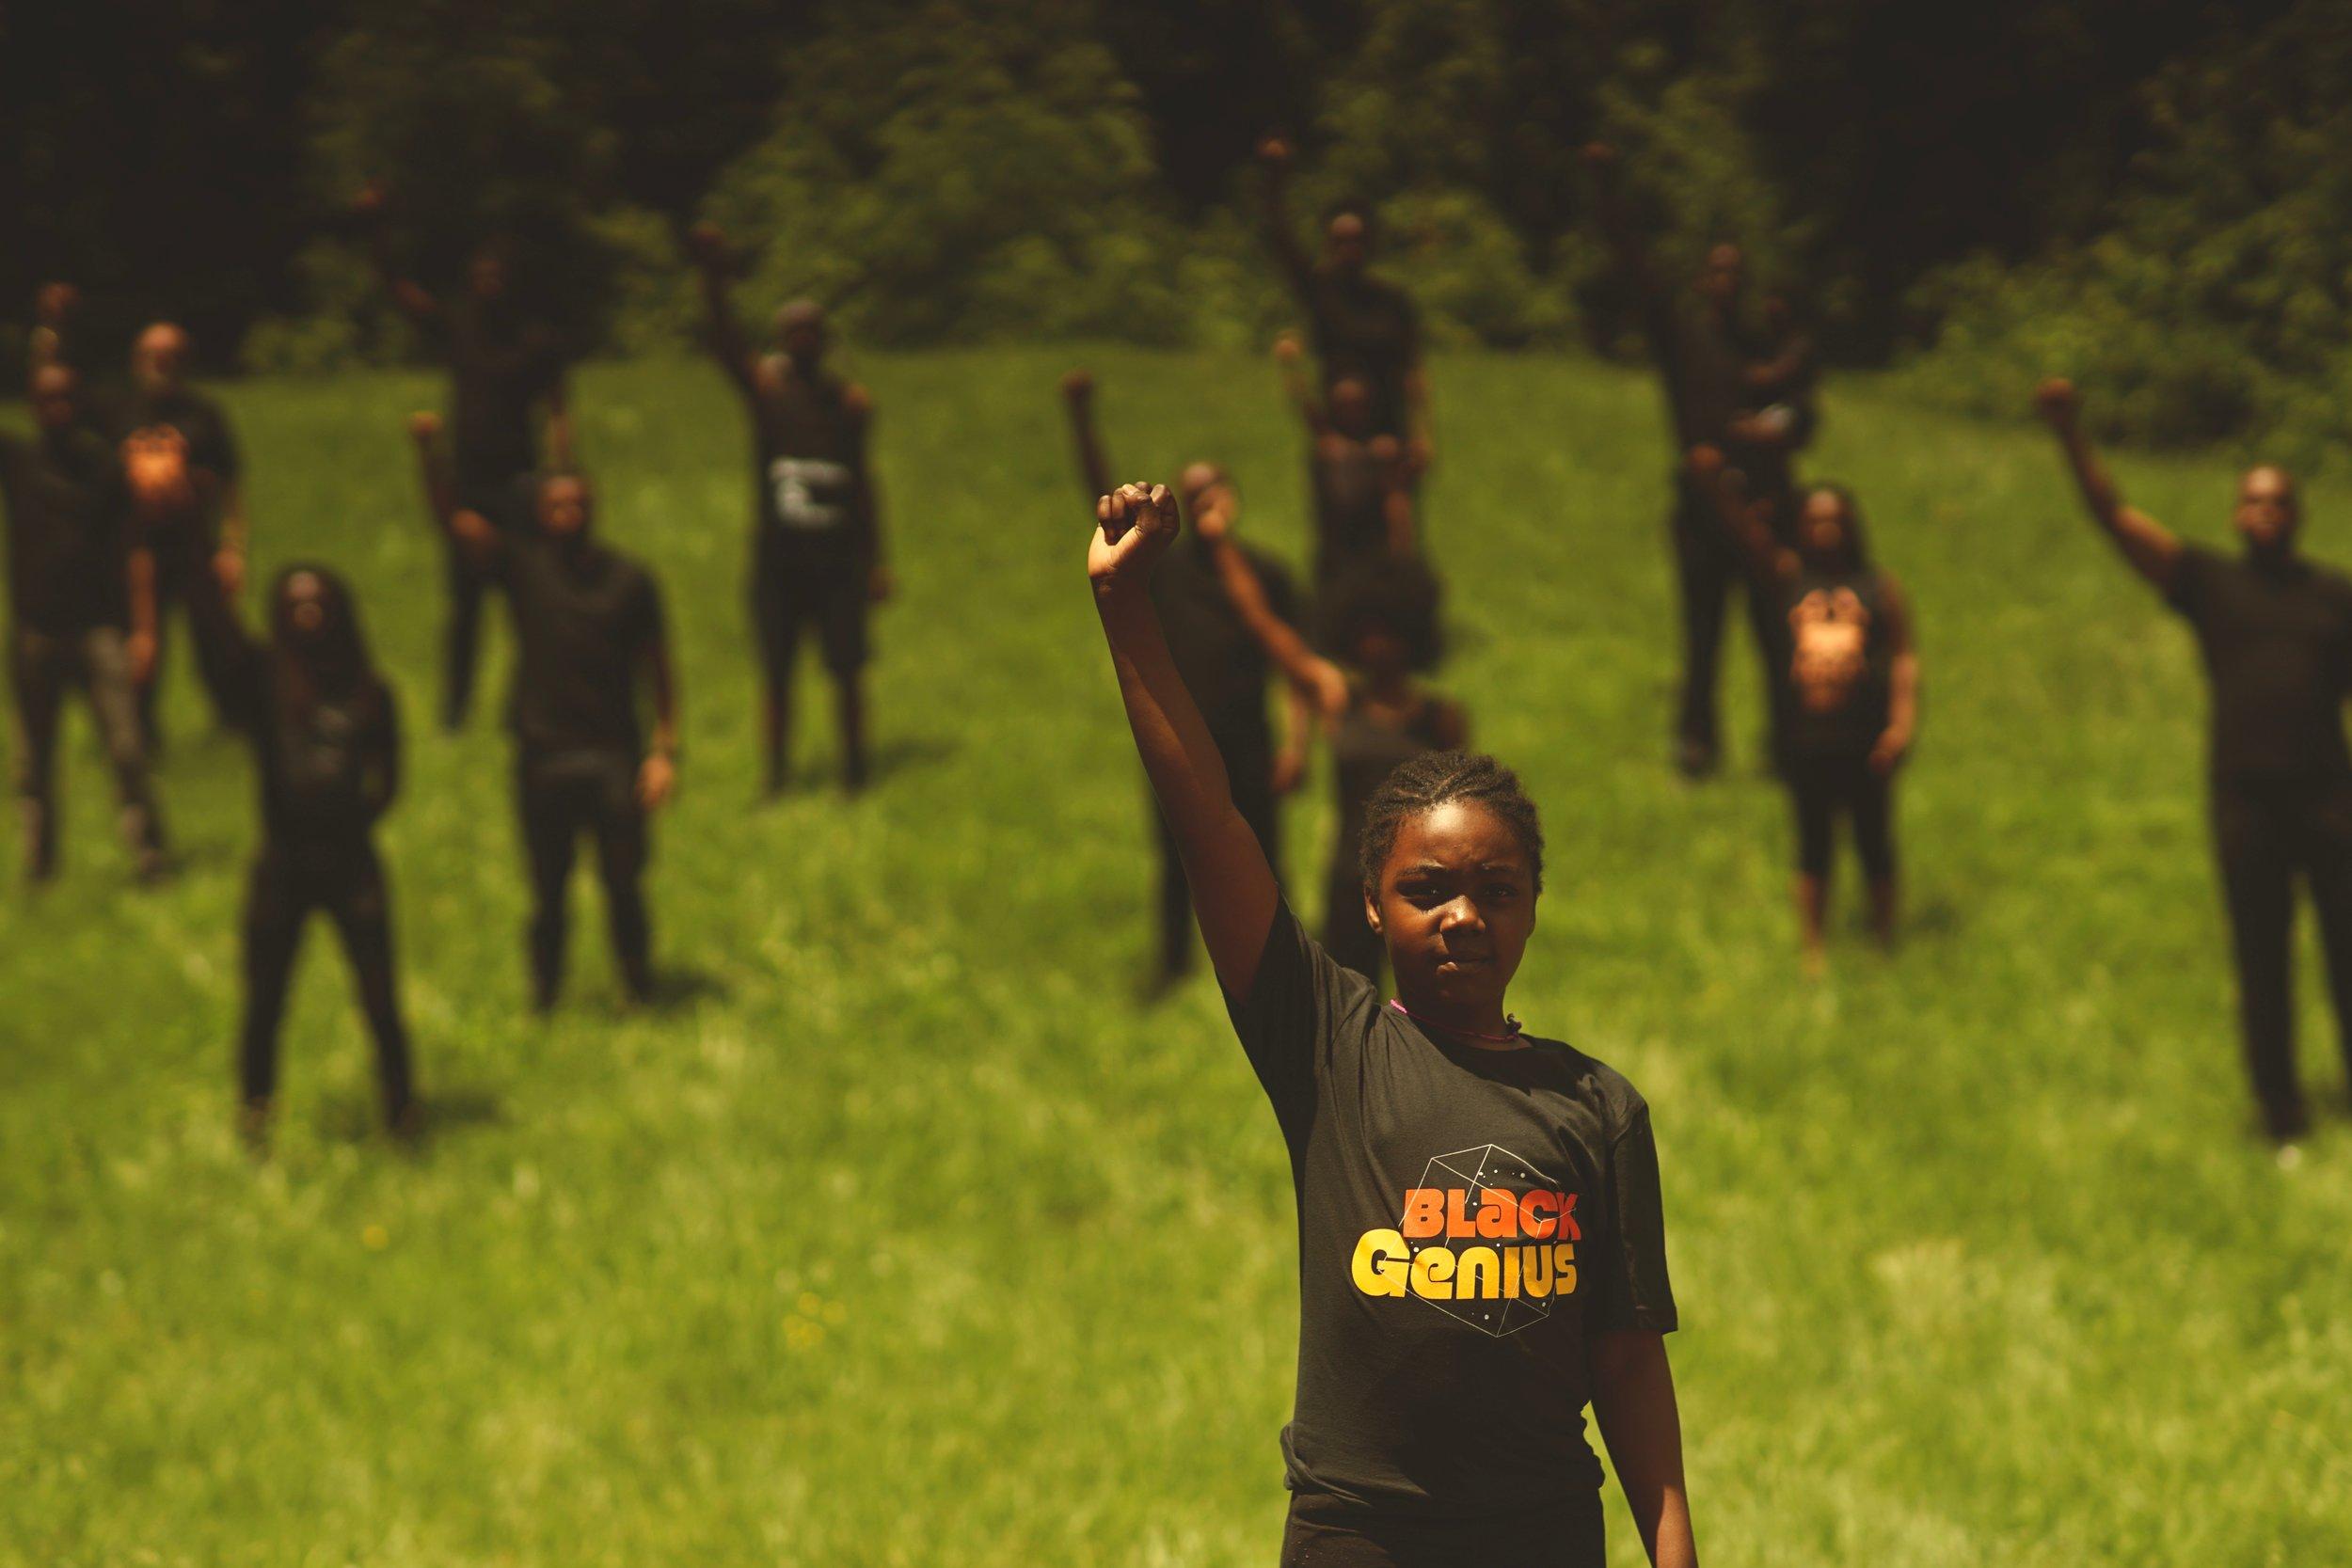 Black Genius Teeshirt - Squad goals .jpg